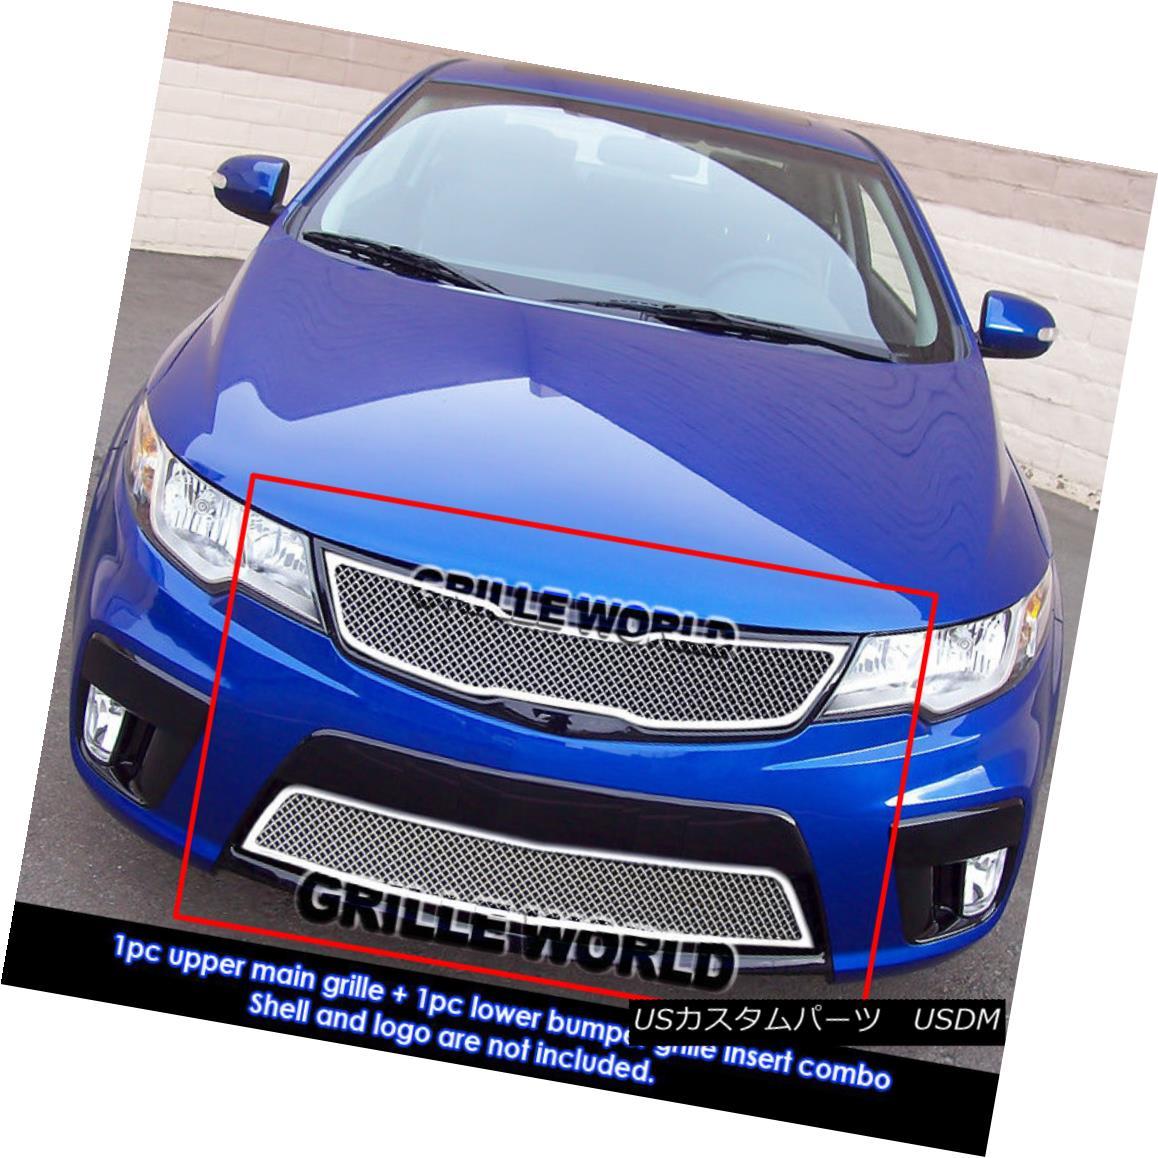 グリル Fits 10-11 2011 Kia Forte Koup Mesh Grille Grill Combo Insert フィット10-11 2011 Kia Forte Koupメッシュグリルグリルコンボインサート